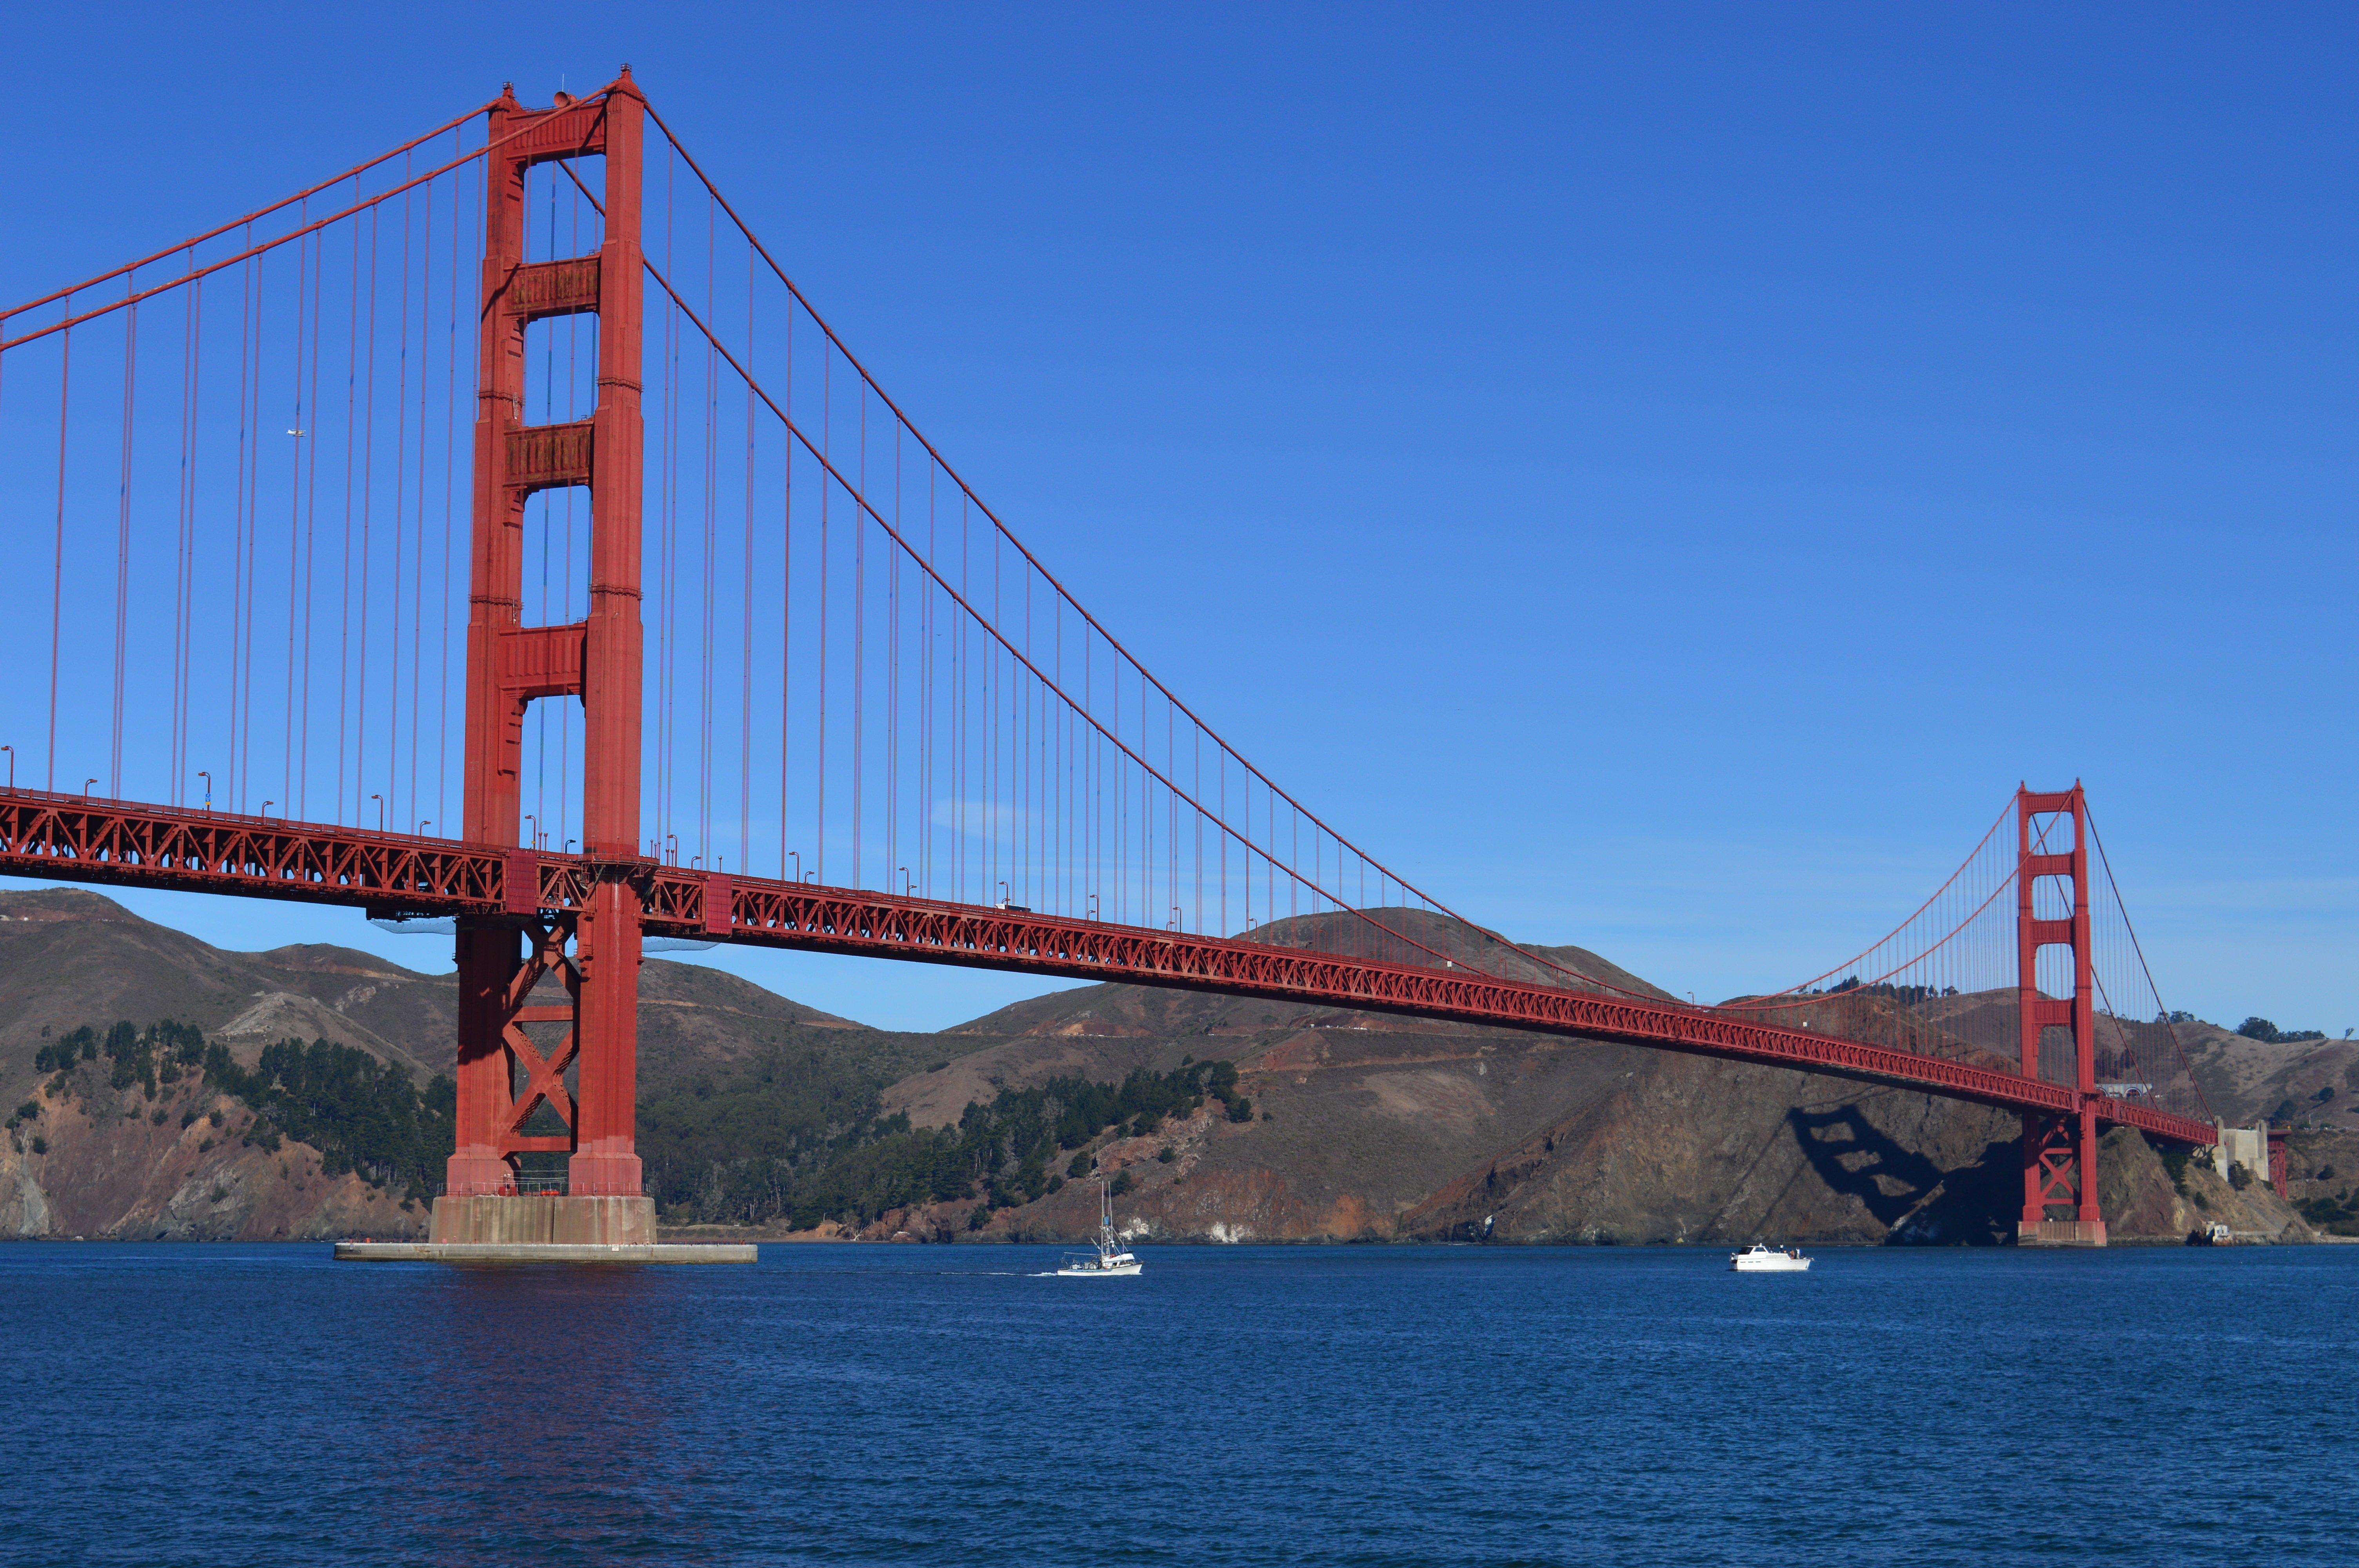 Golden Gate Bridge. Calafiana